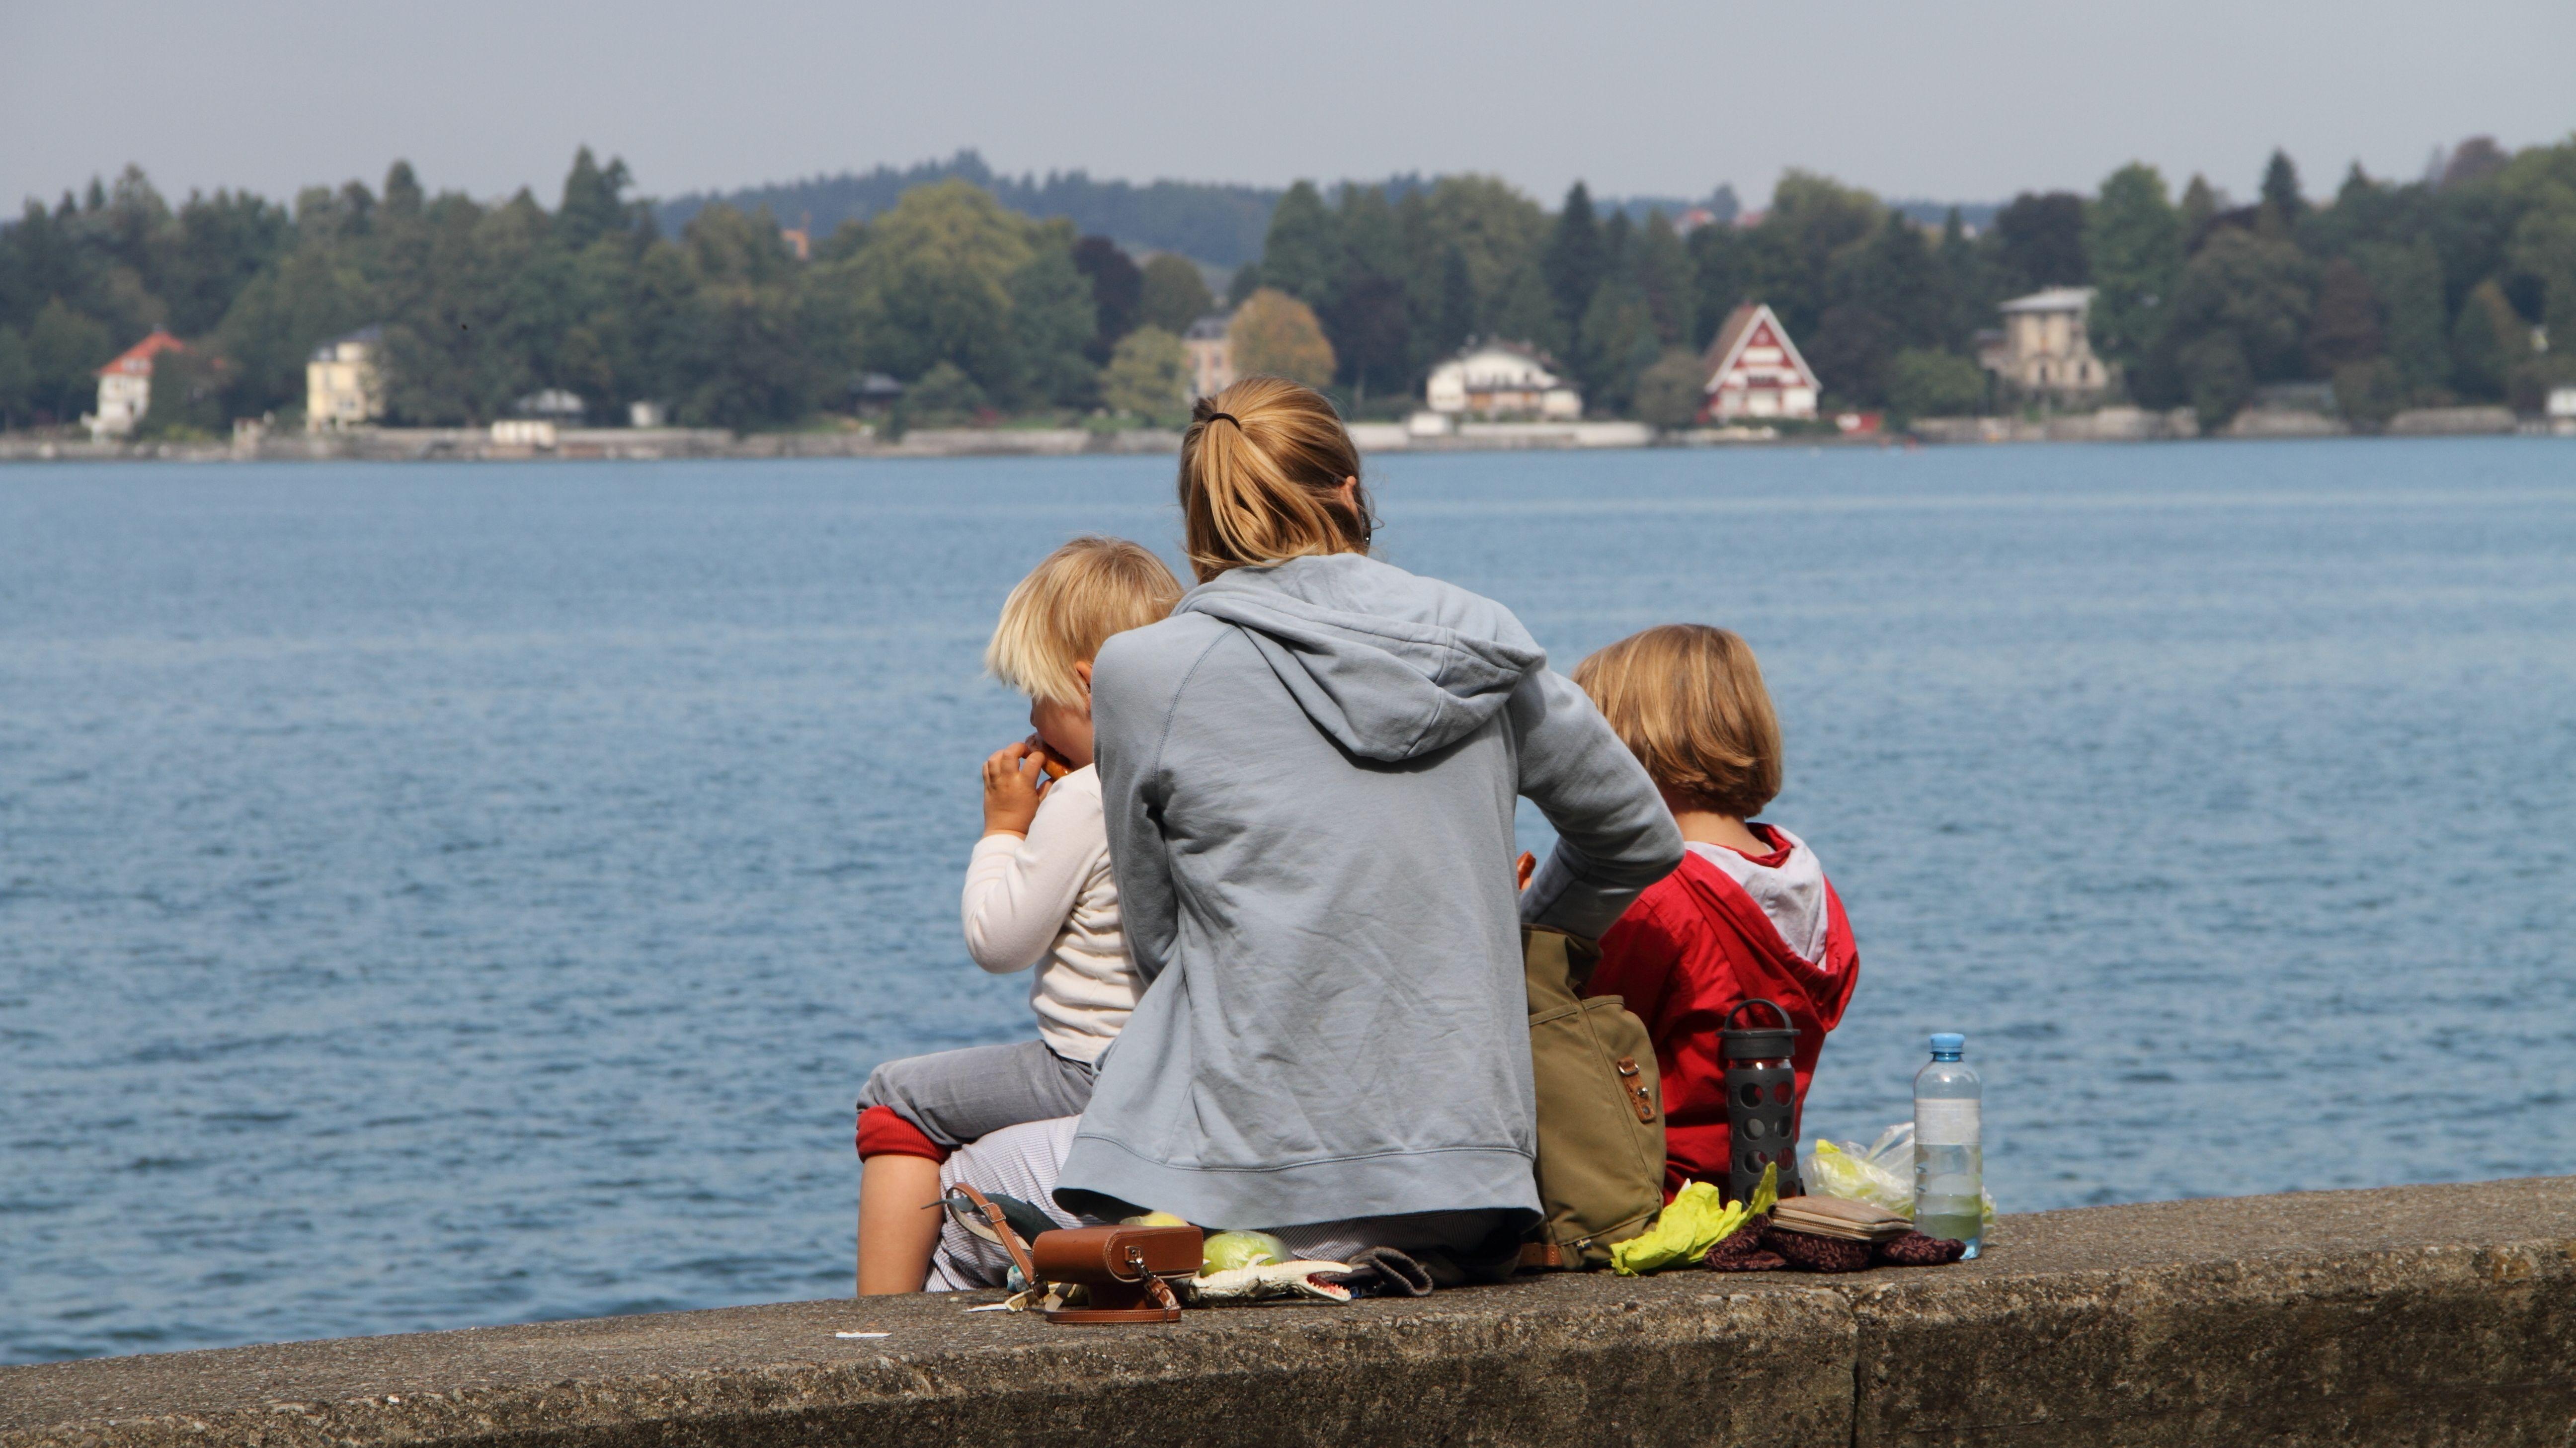 Eine Mutter sitzt mit ihren beiden Kindern am Ufer eines Sees.